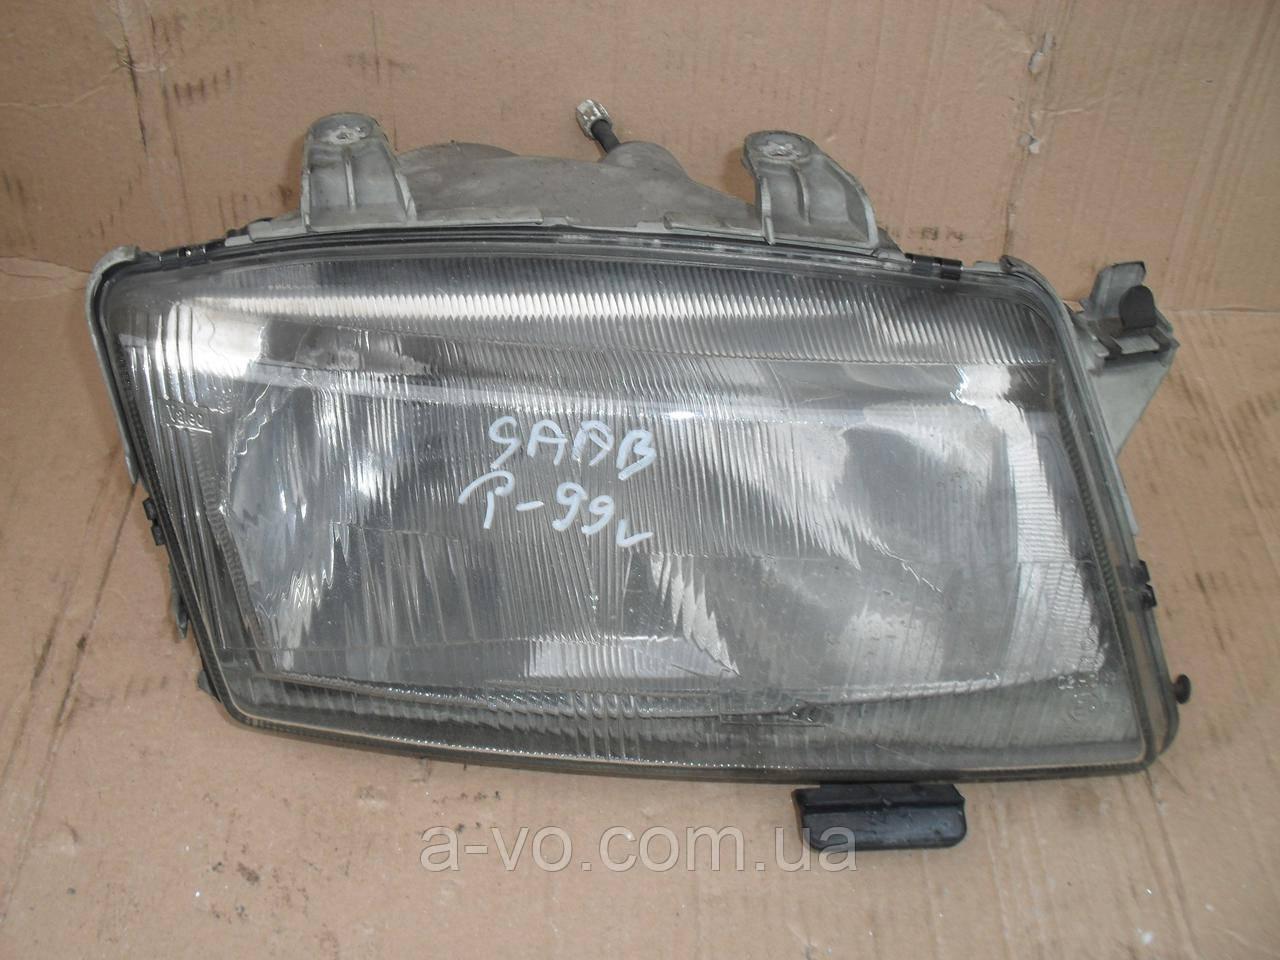 Фара основная правая для Saab 9.5 (1997-2005)